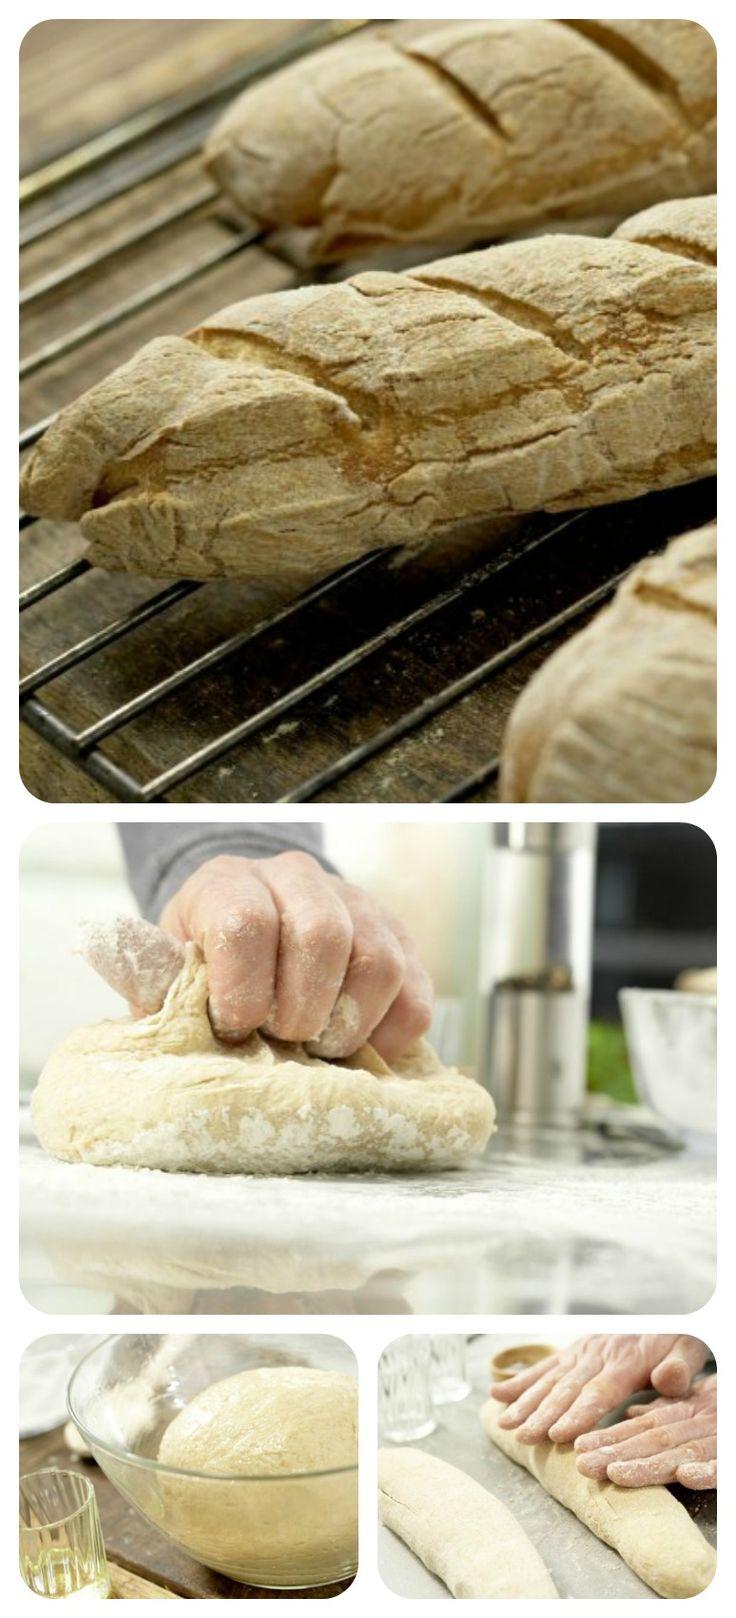 Die Teigstücke werden durch leichtes, gleichzeitiges Drücken und Rollen in Baguette-Stangenform gebracht: Baguette mit Vollkornmehl | http://eatsmarter.de/rezepte/baguette